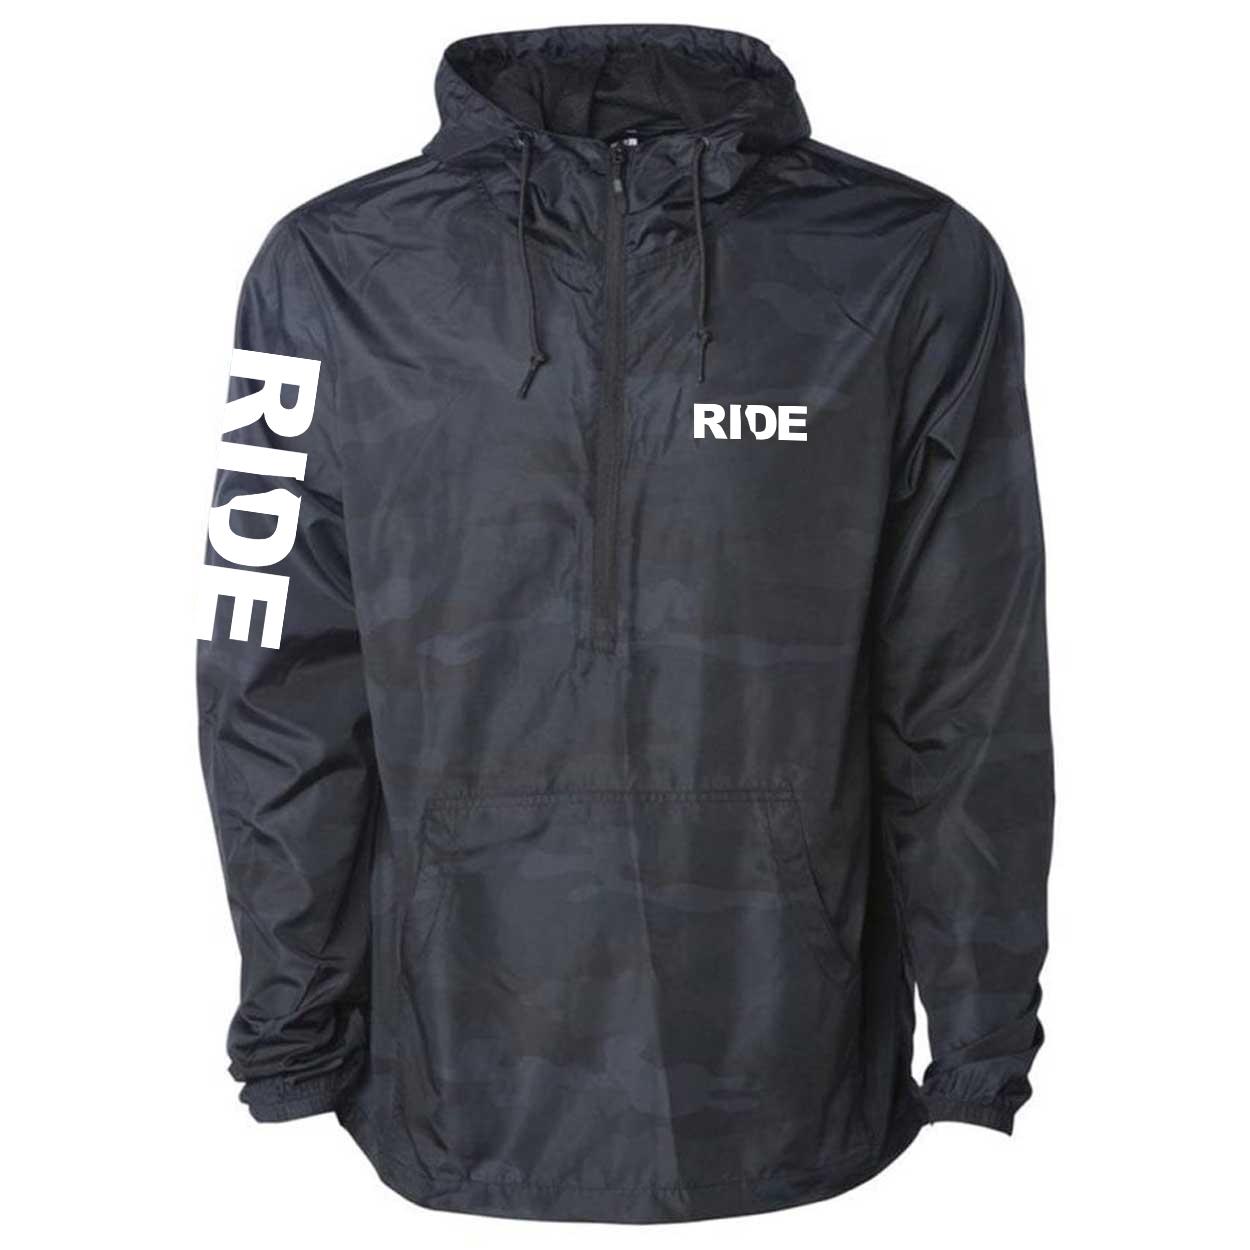 Ride Delaware Classic Lightweight Pullover Windbreaker Black Camo (White Logo)